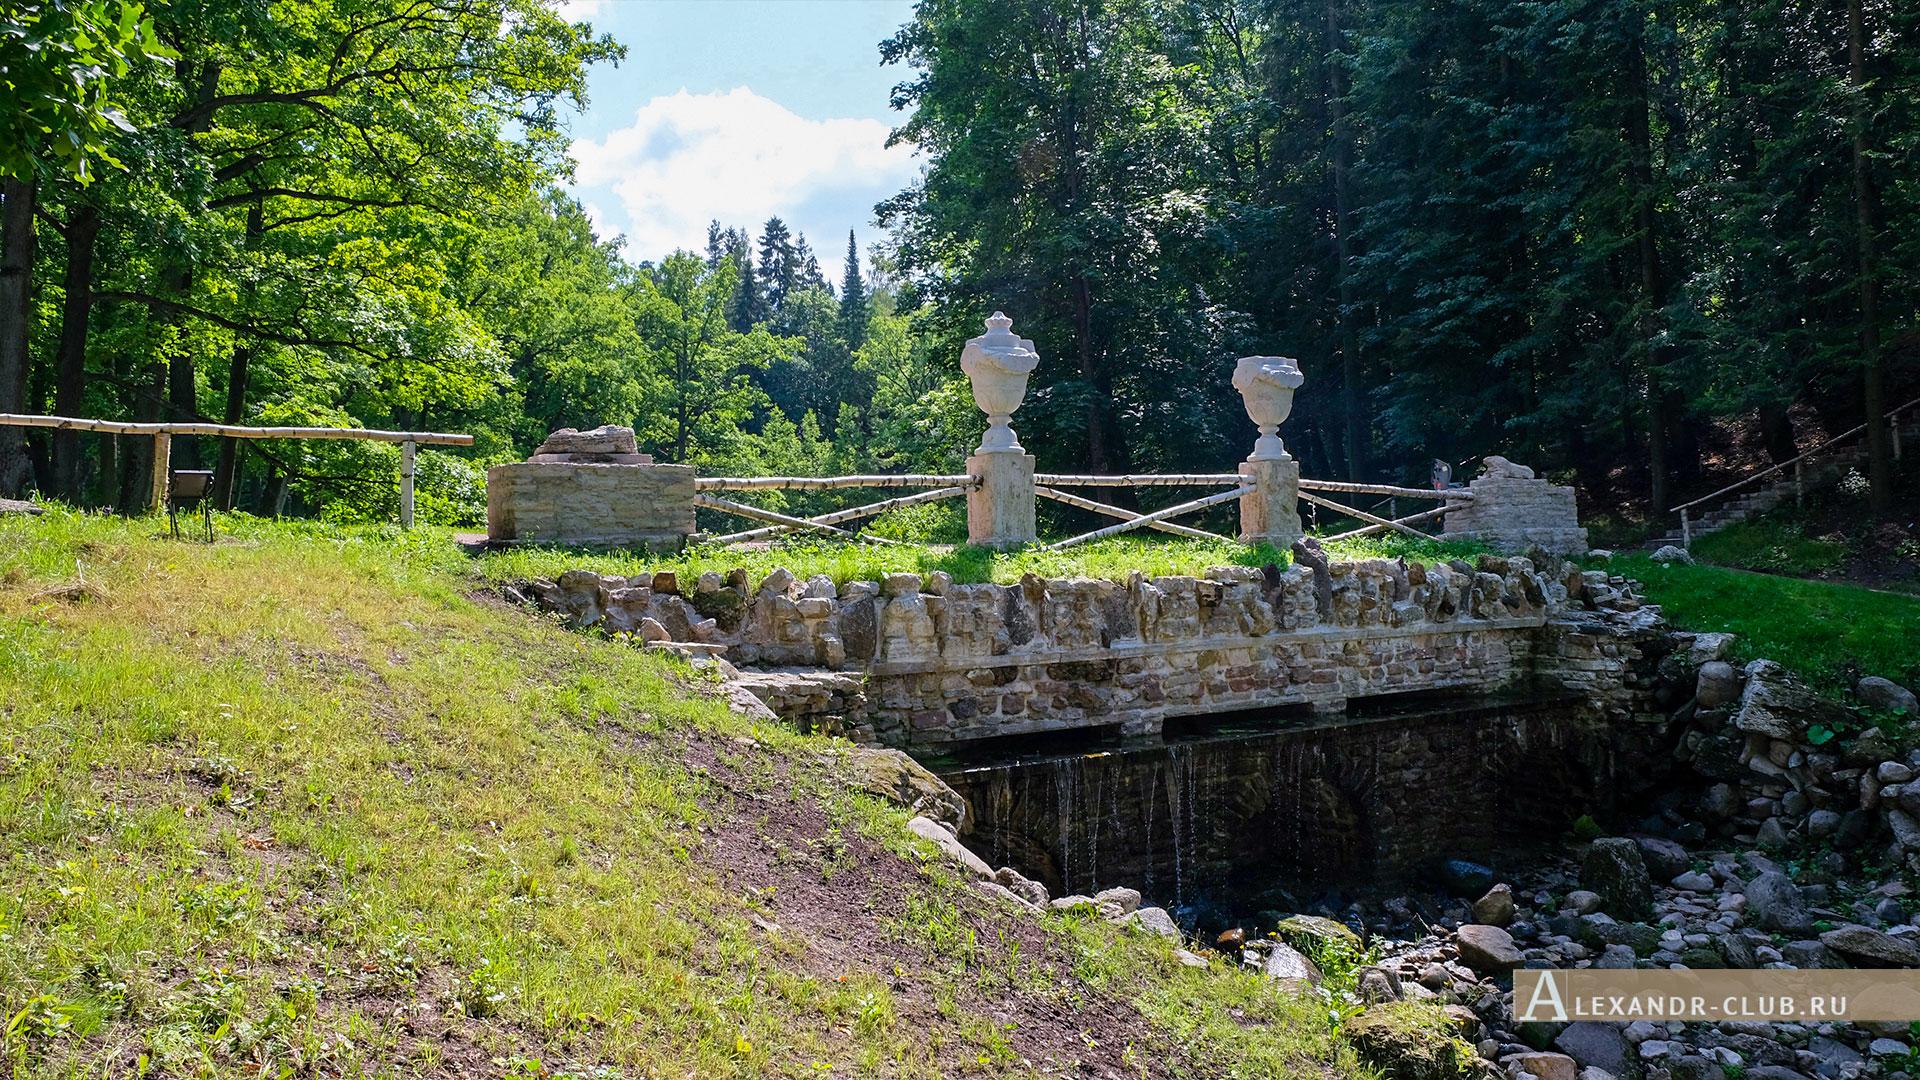 Павловск, лето, Павловский парк, Руинный Каскад